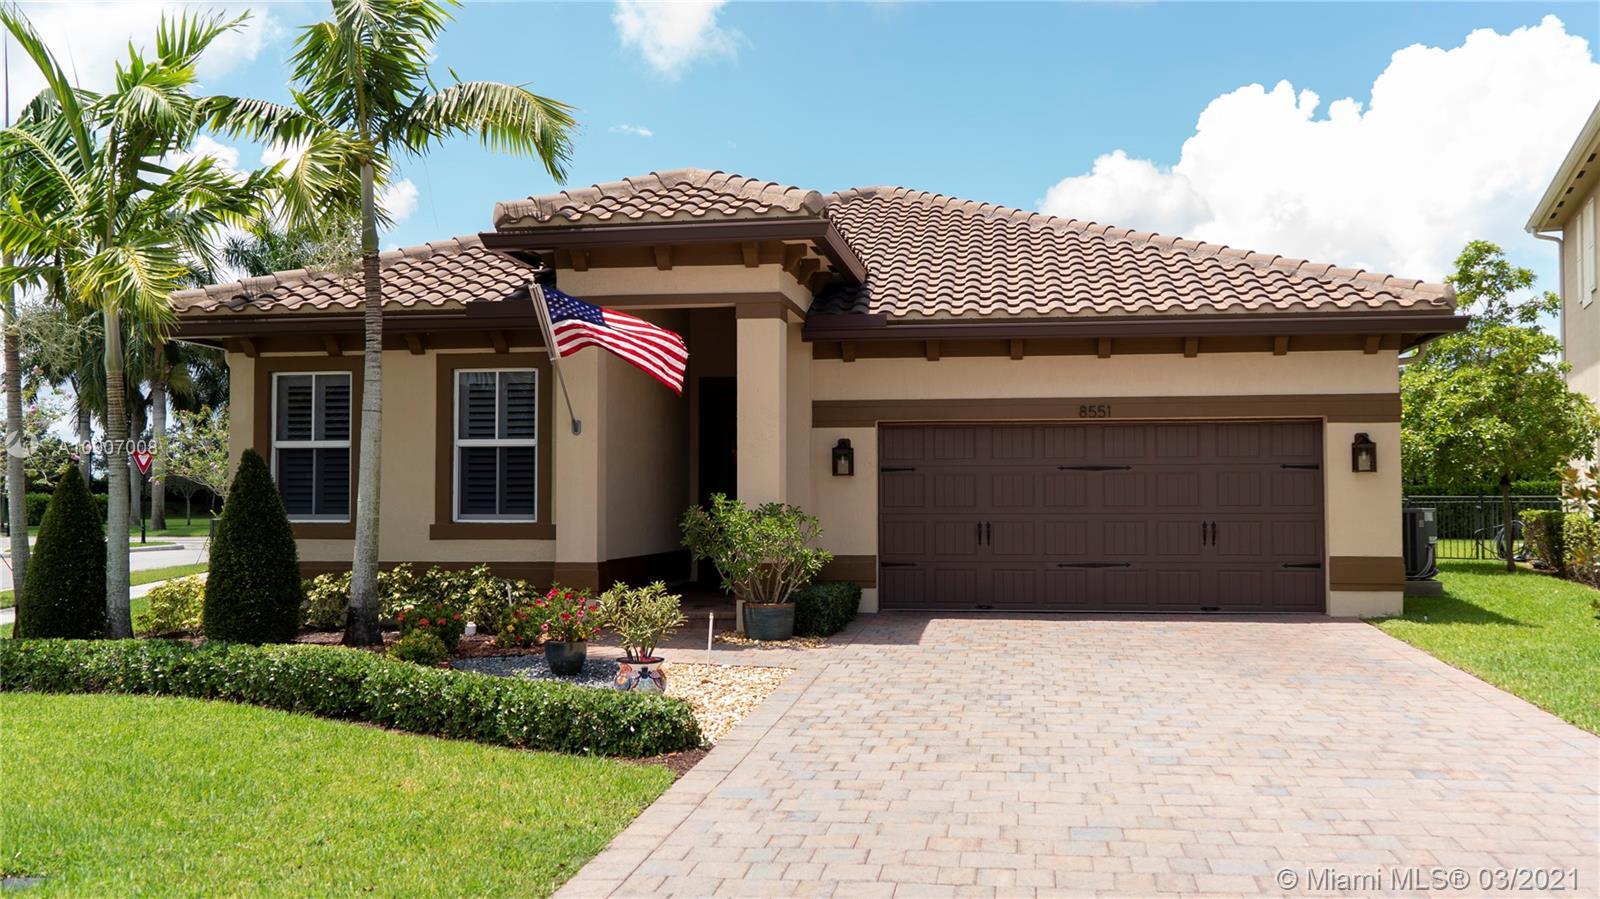 8551 Waterside Ct, Parkland FL 33076